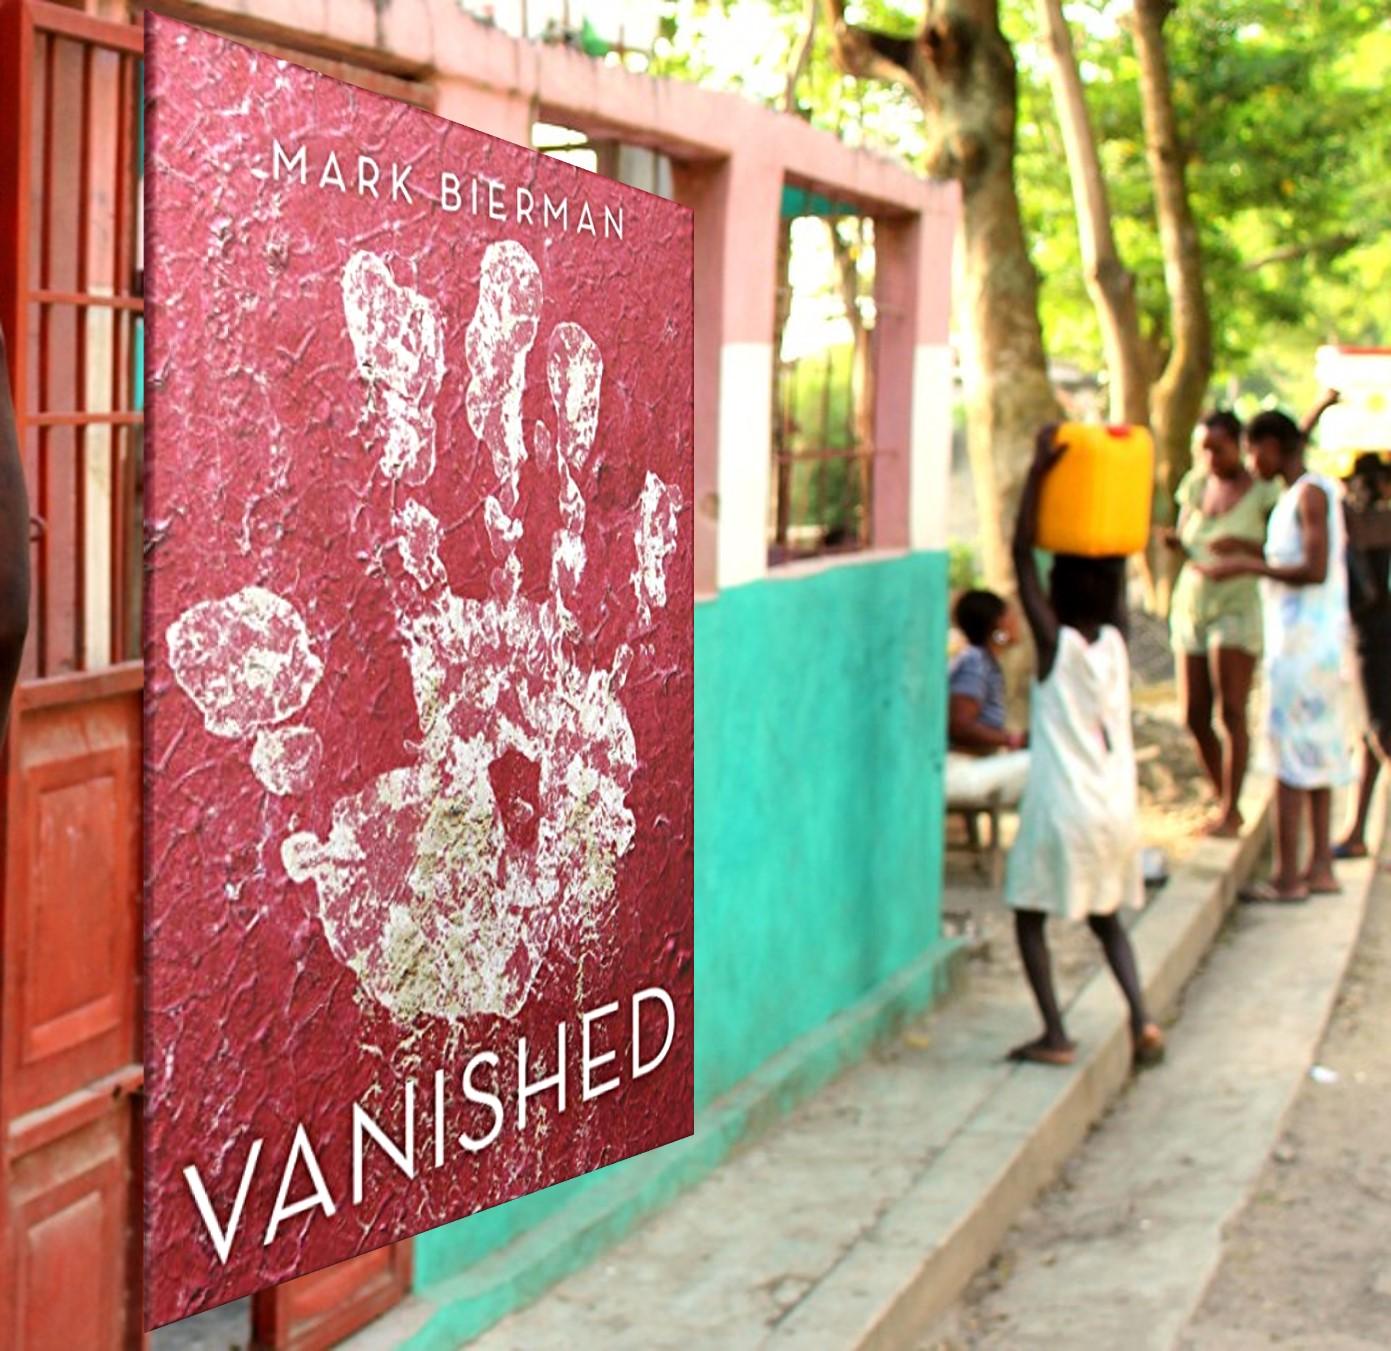 Vanished by Mark Bierman. Doors tomfoolery by Teagan